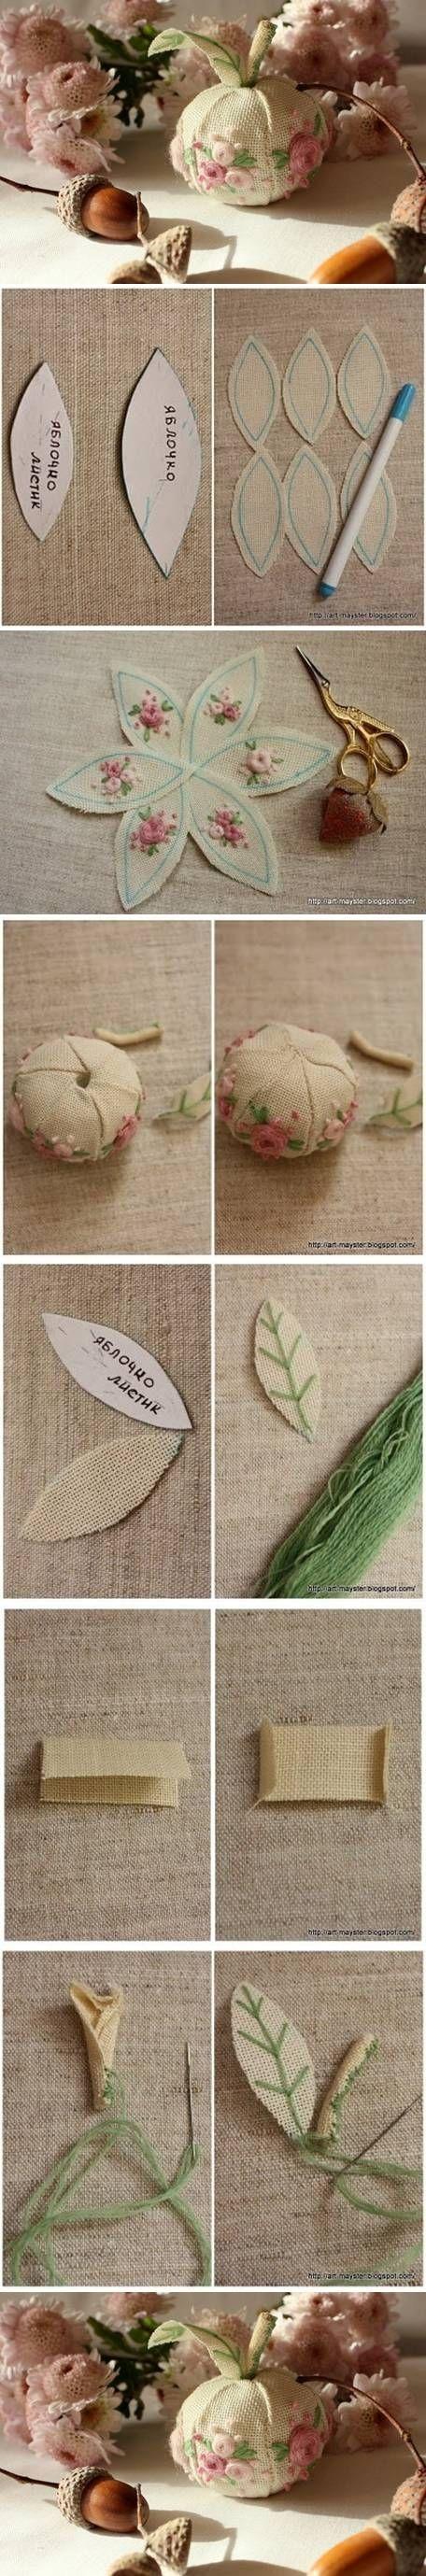 DIY Fabric Apple Decor DIY Fabric Apple Decor by catrulz